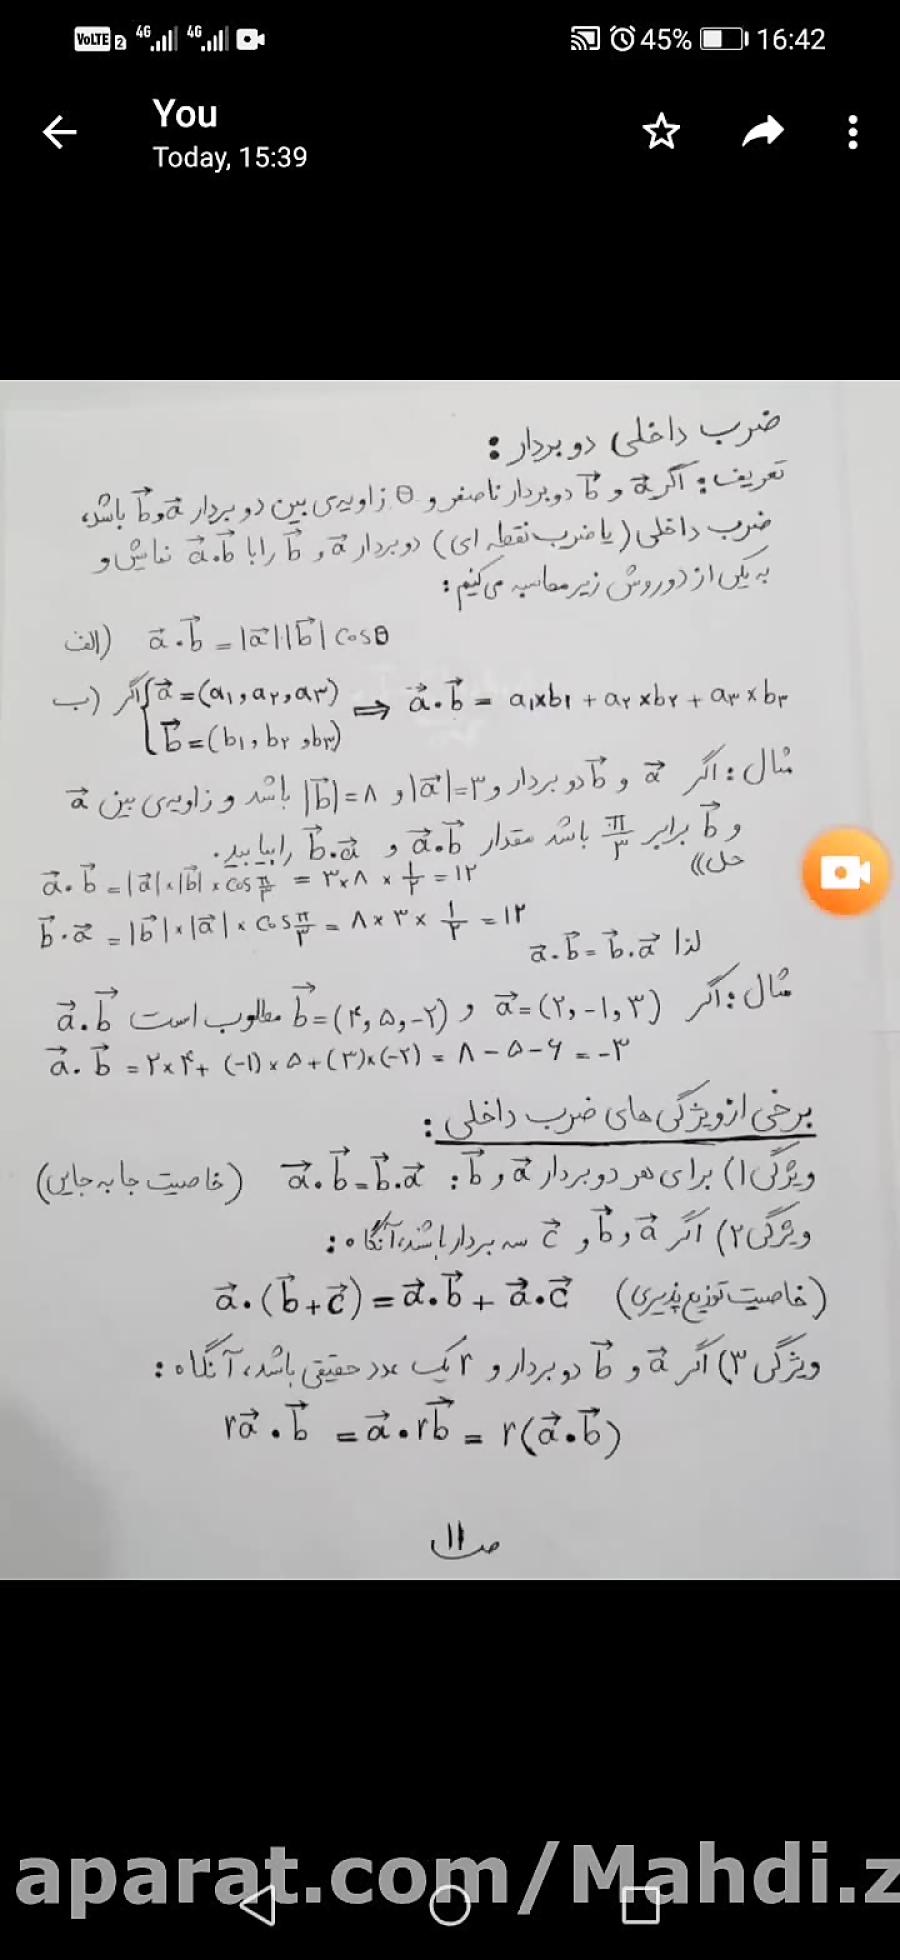 درس دوم از فصل3 هندسه3 (قسمت 1)